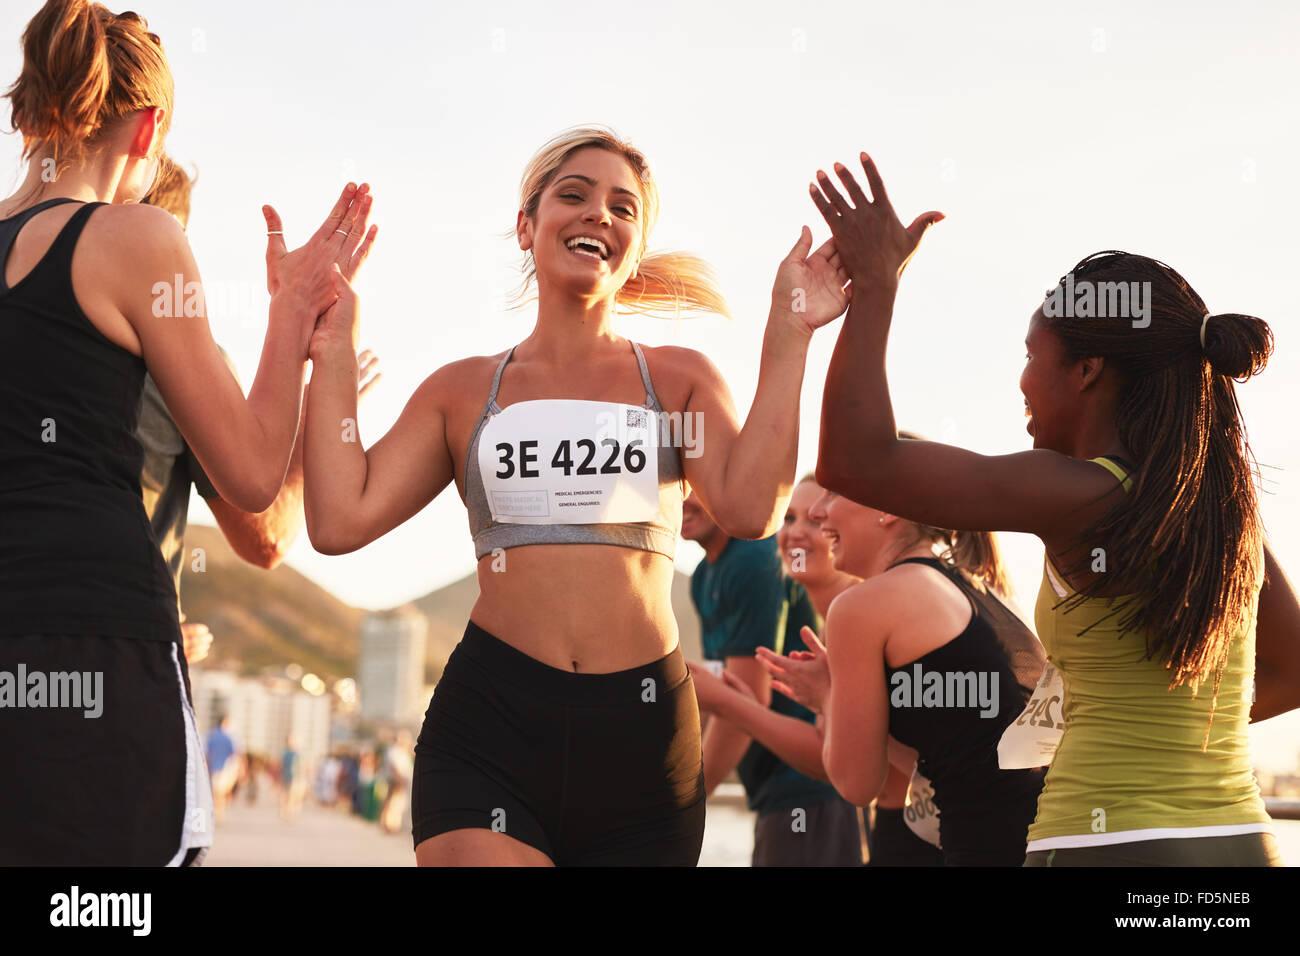 Multi ethnischen Gruppe junger Erwachsener jubelnden und hohe Fiving eine Sportlerin Kreuzung Ziellinie. Sportlerin Stockbild